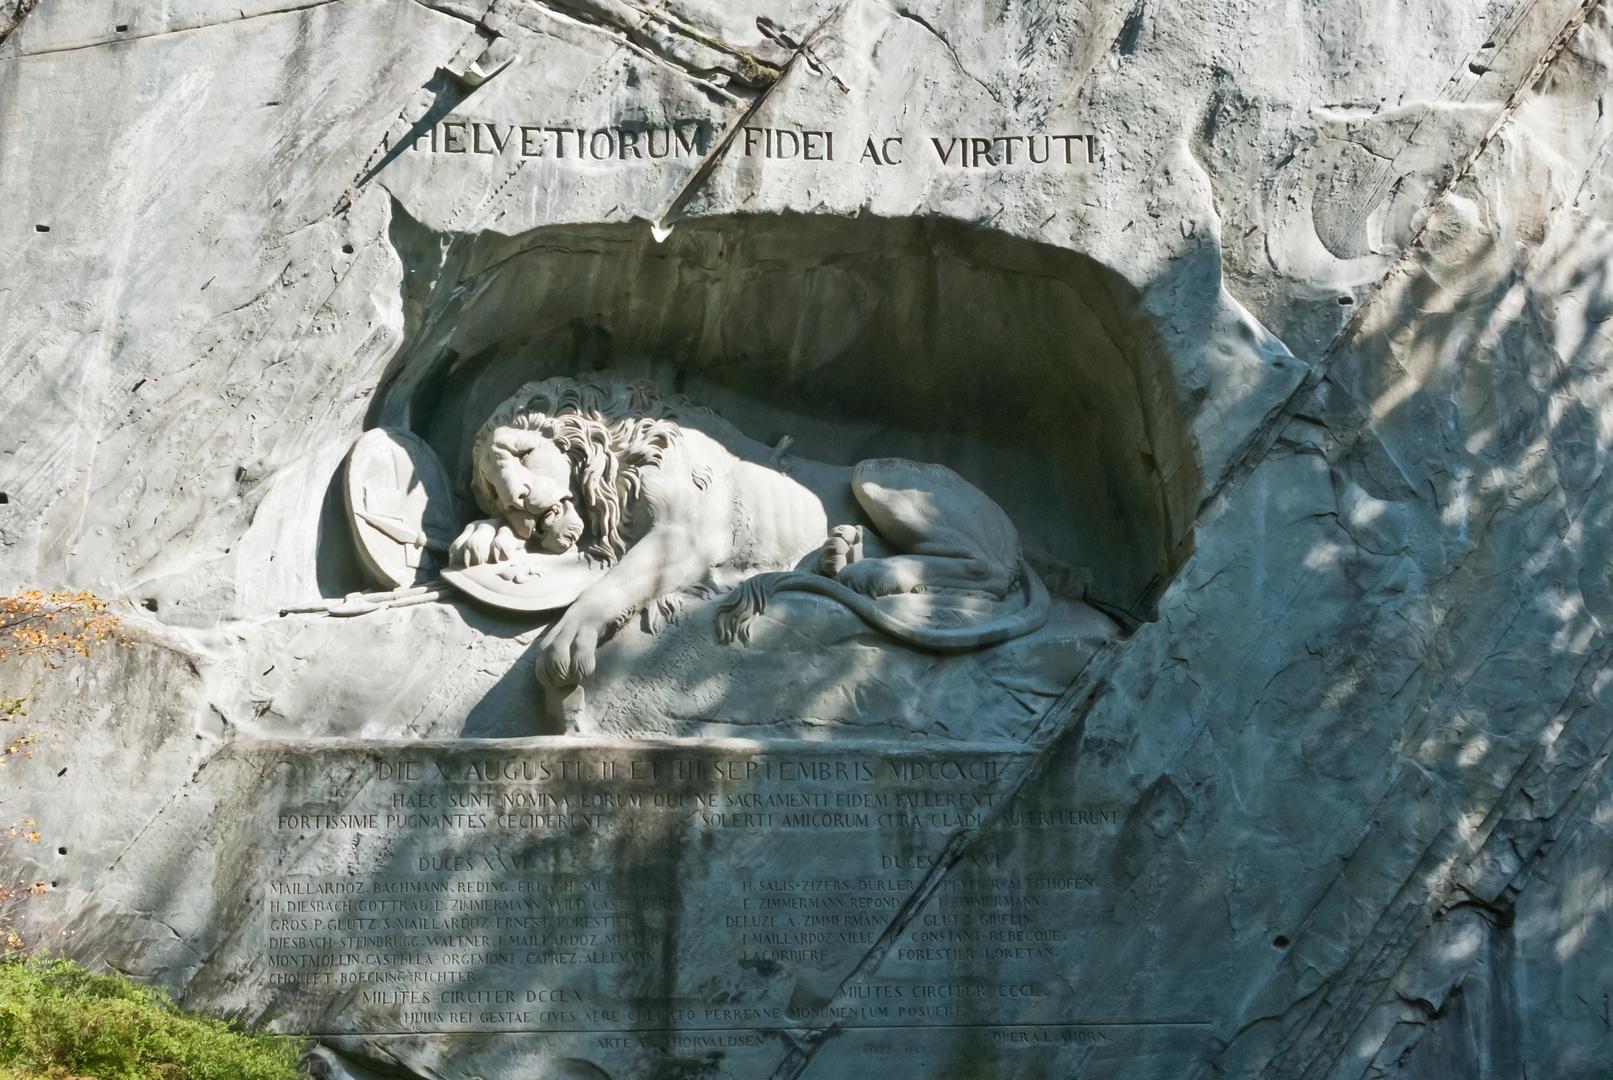 Der sterbende Löwe von Luzern